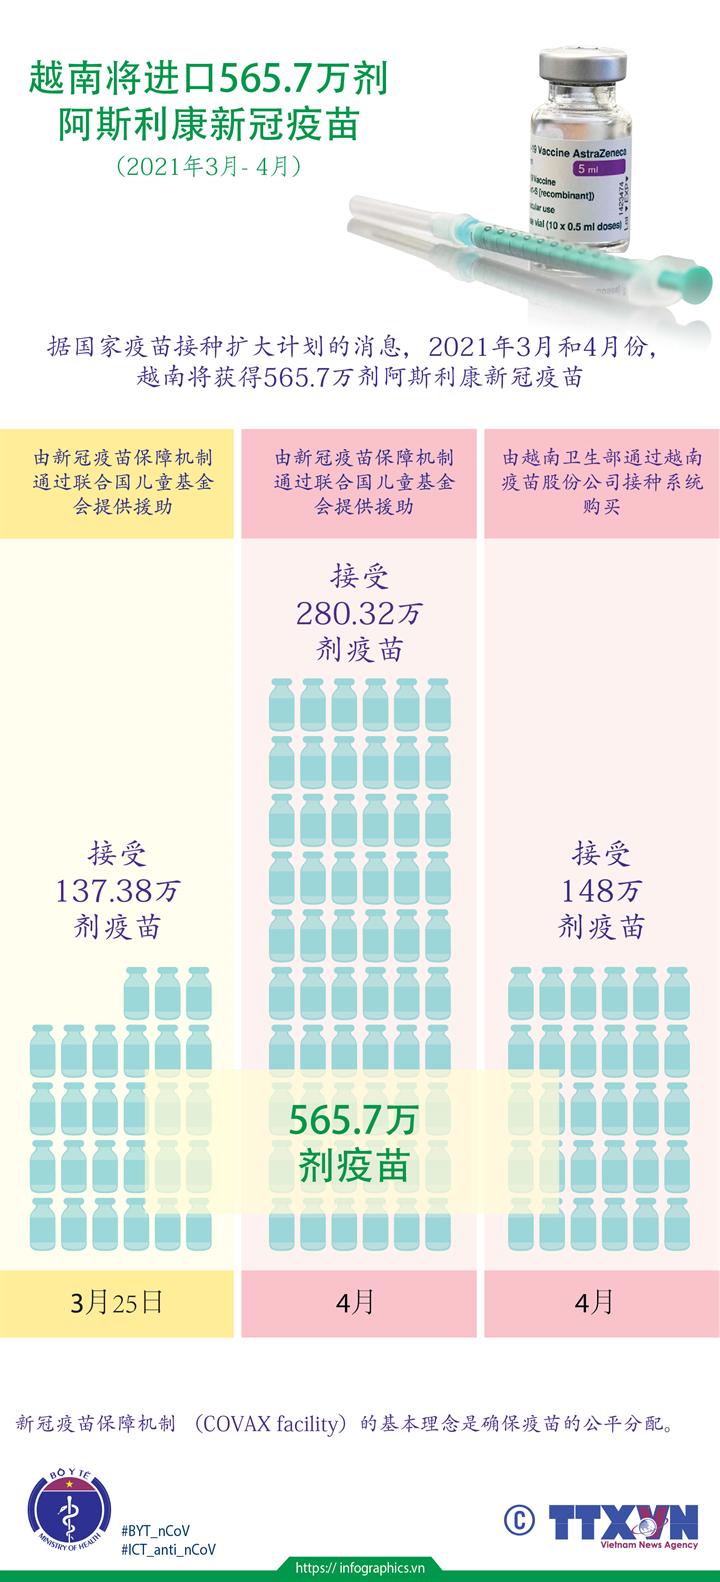 越南将进口565.7万剂 阿斯利康新冠疫苗